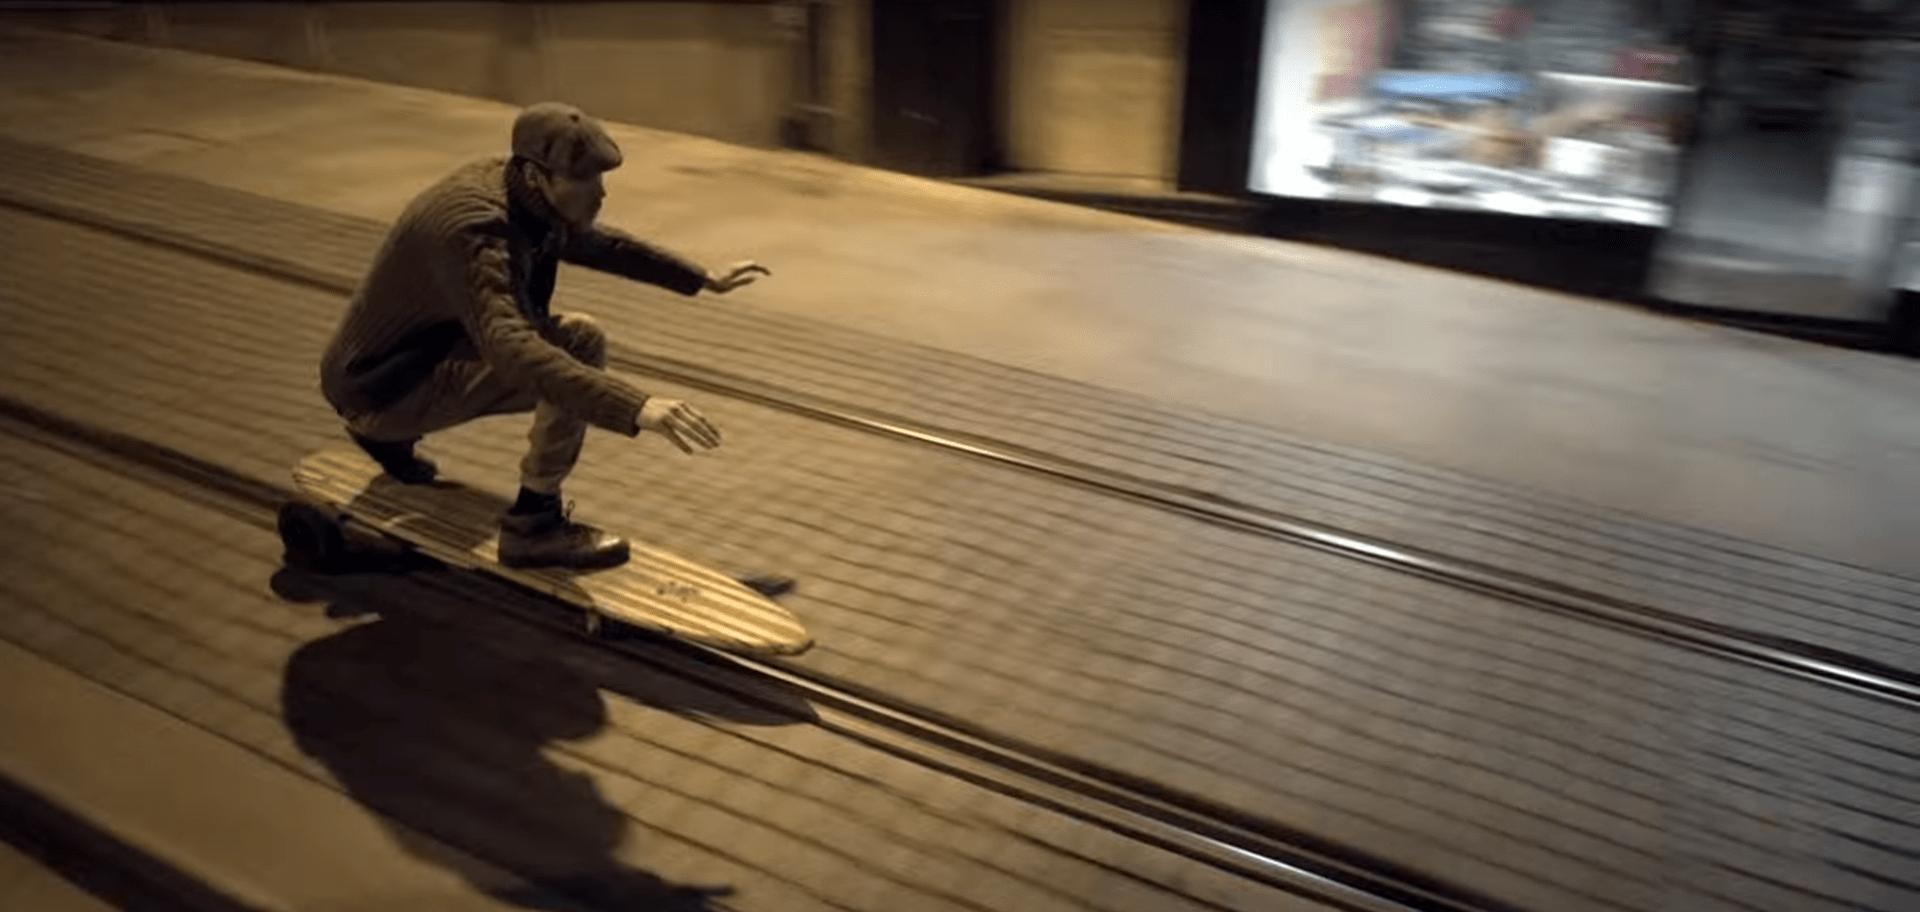 Nuevo Skateboard para surfear la ciudad